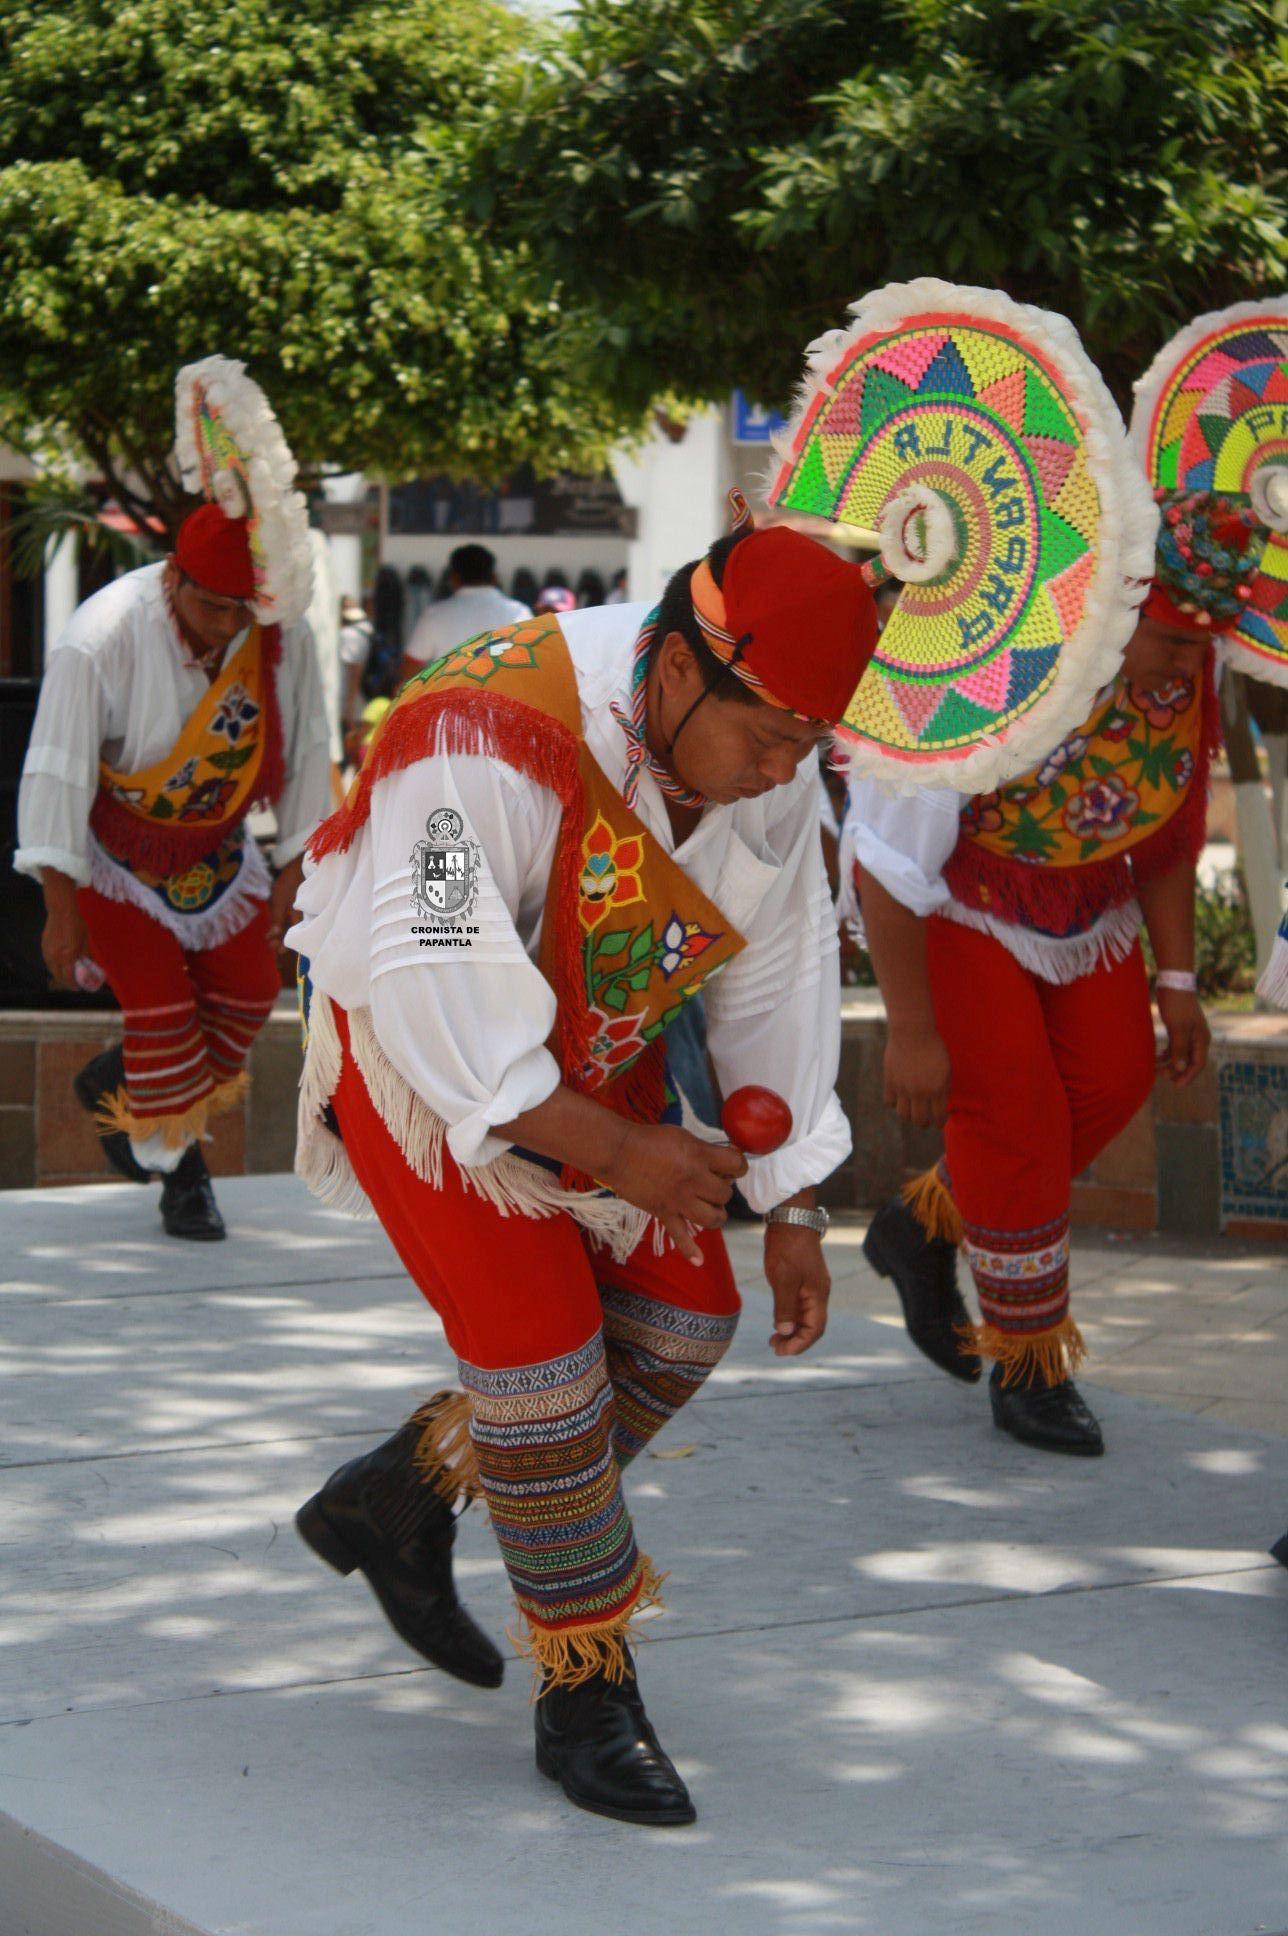 danzante realizando la danza de los quetzales